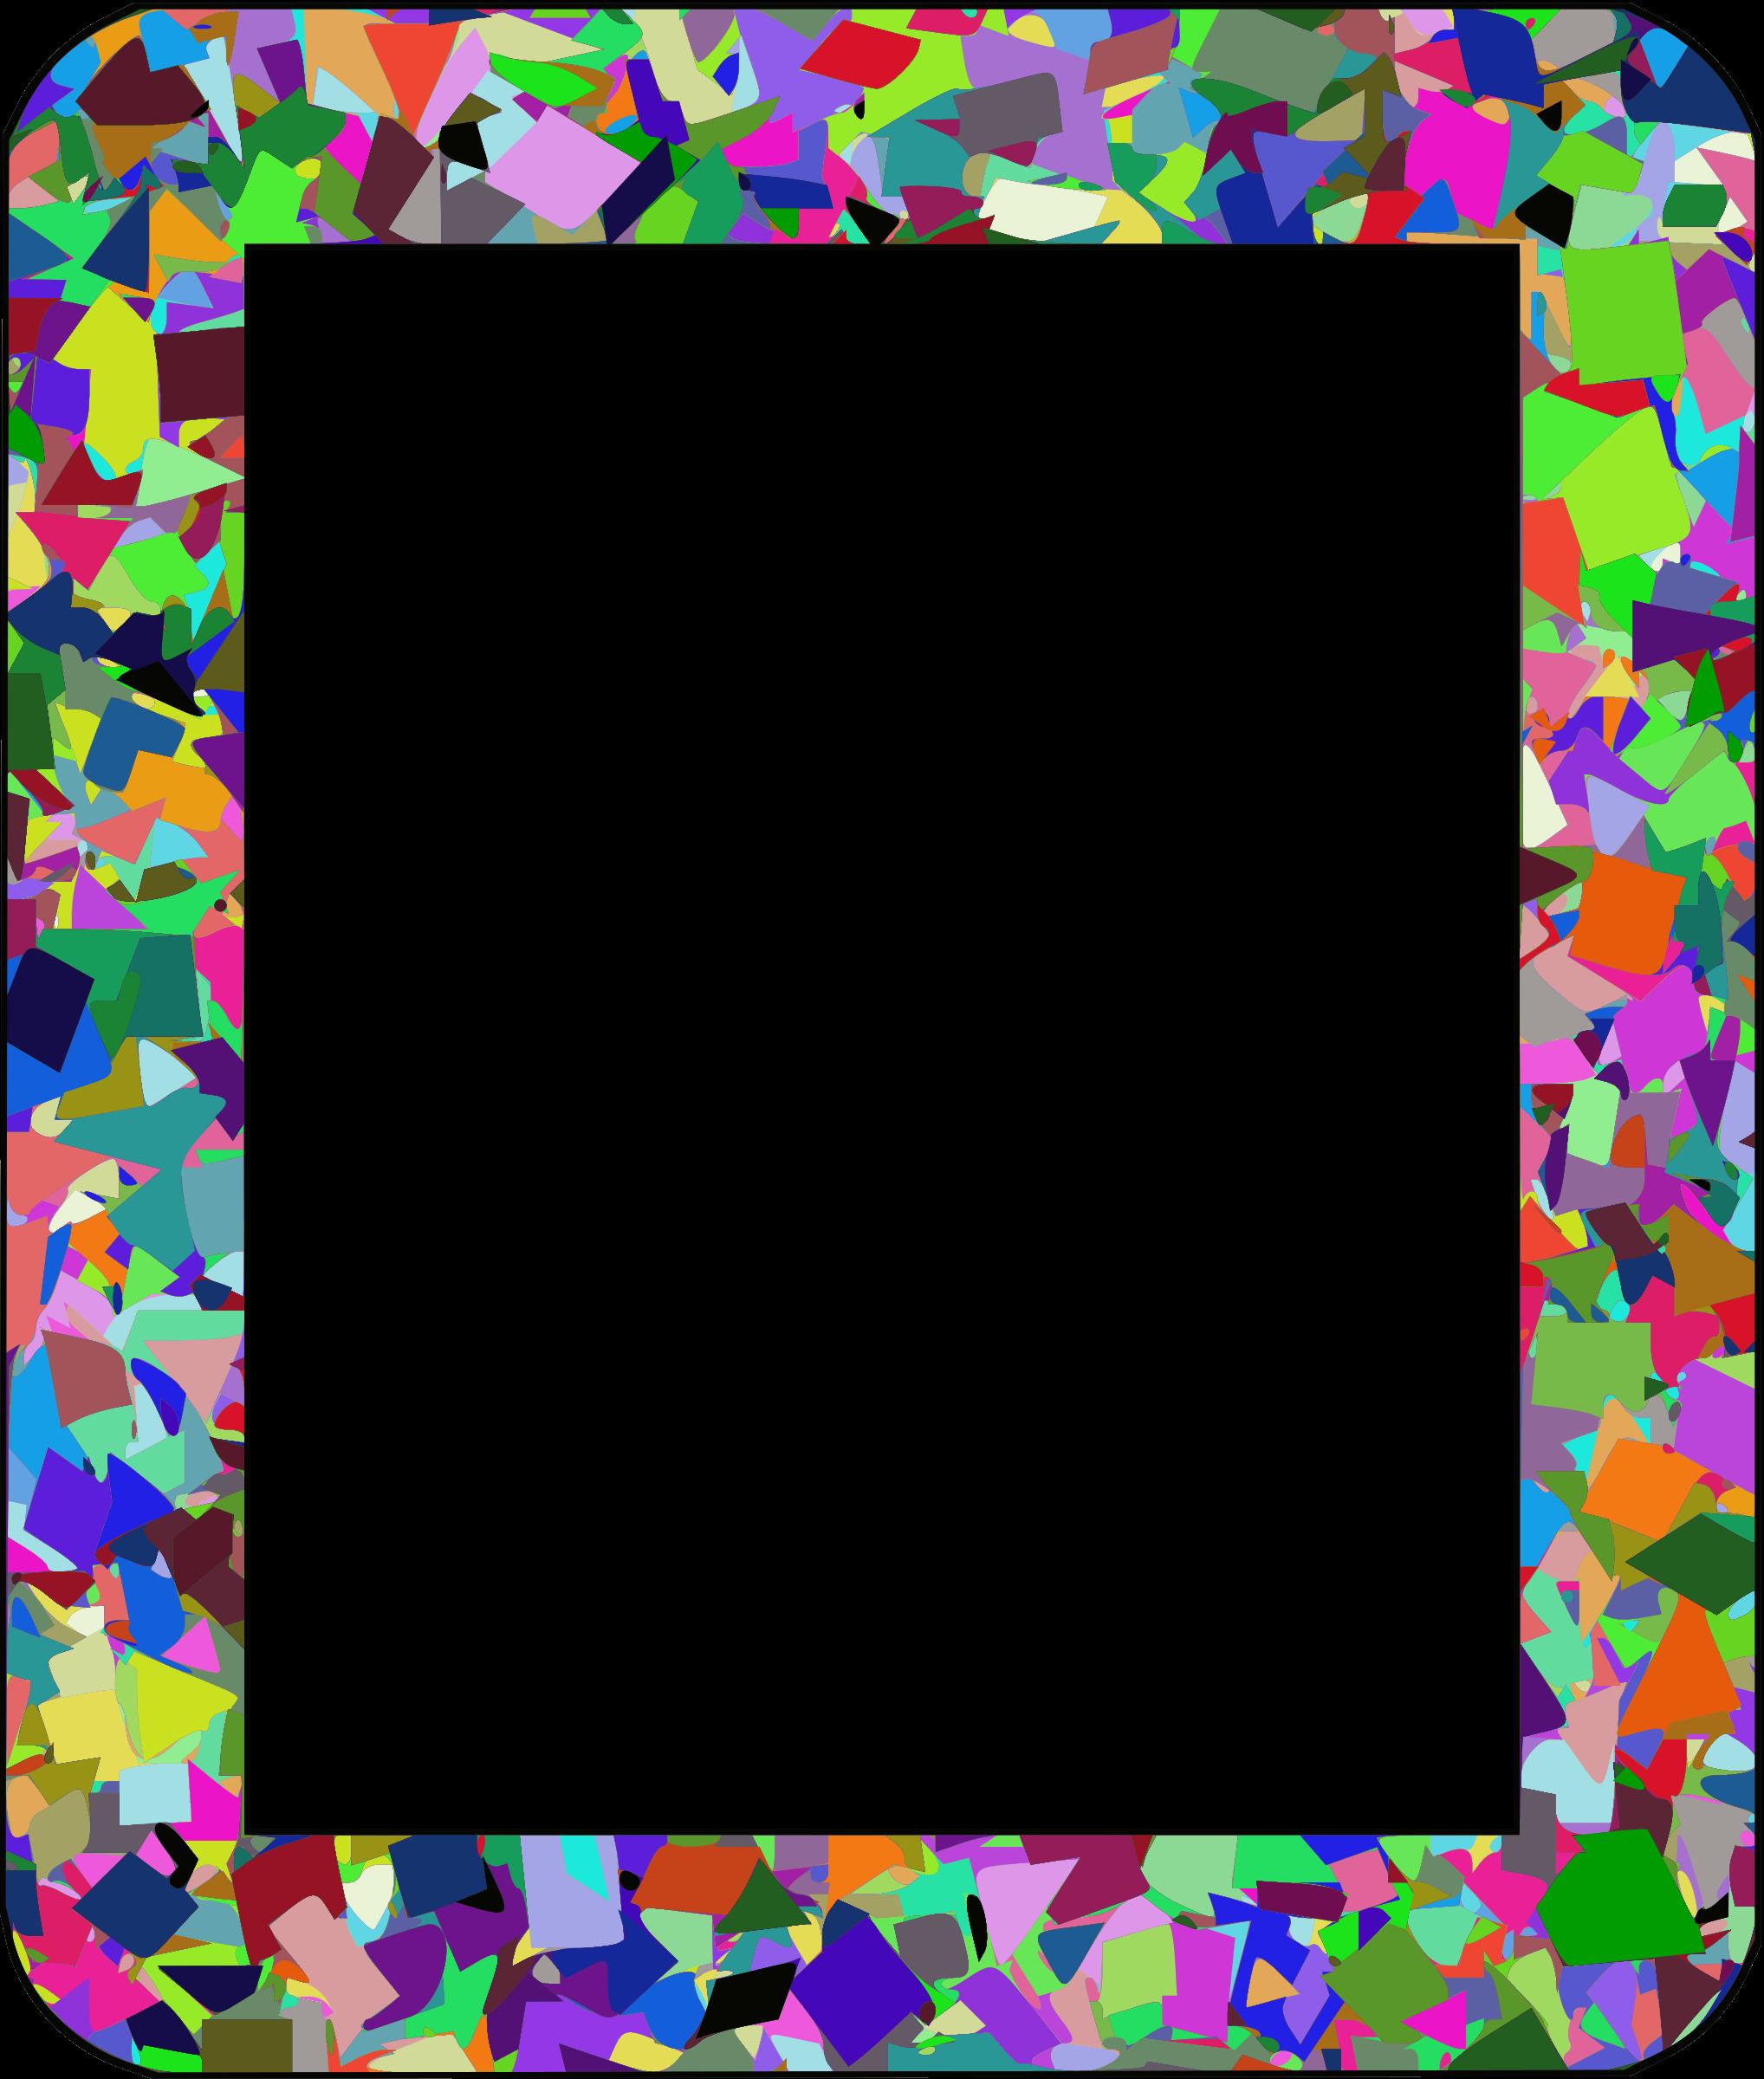 Frame clipart confetti Frame frame Confetti Confetti 1